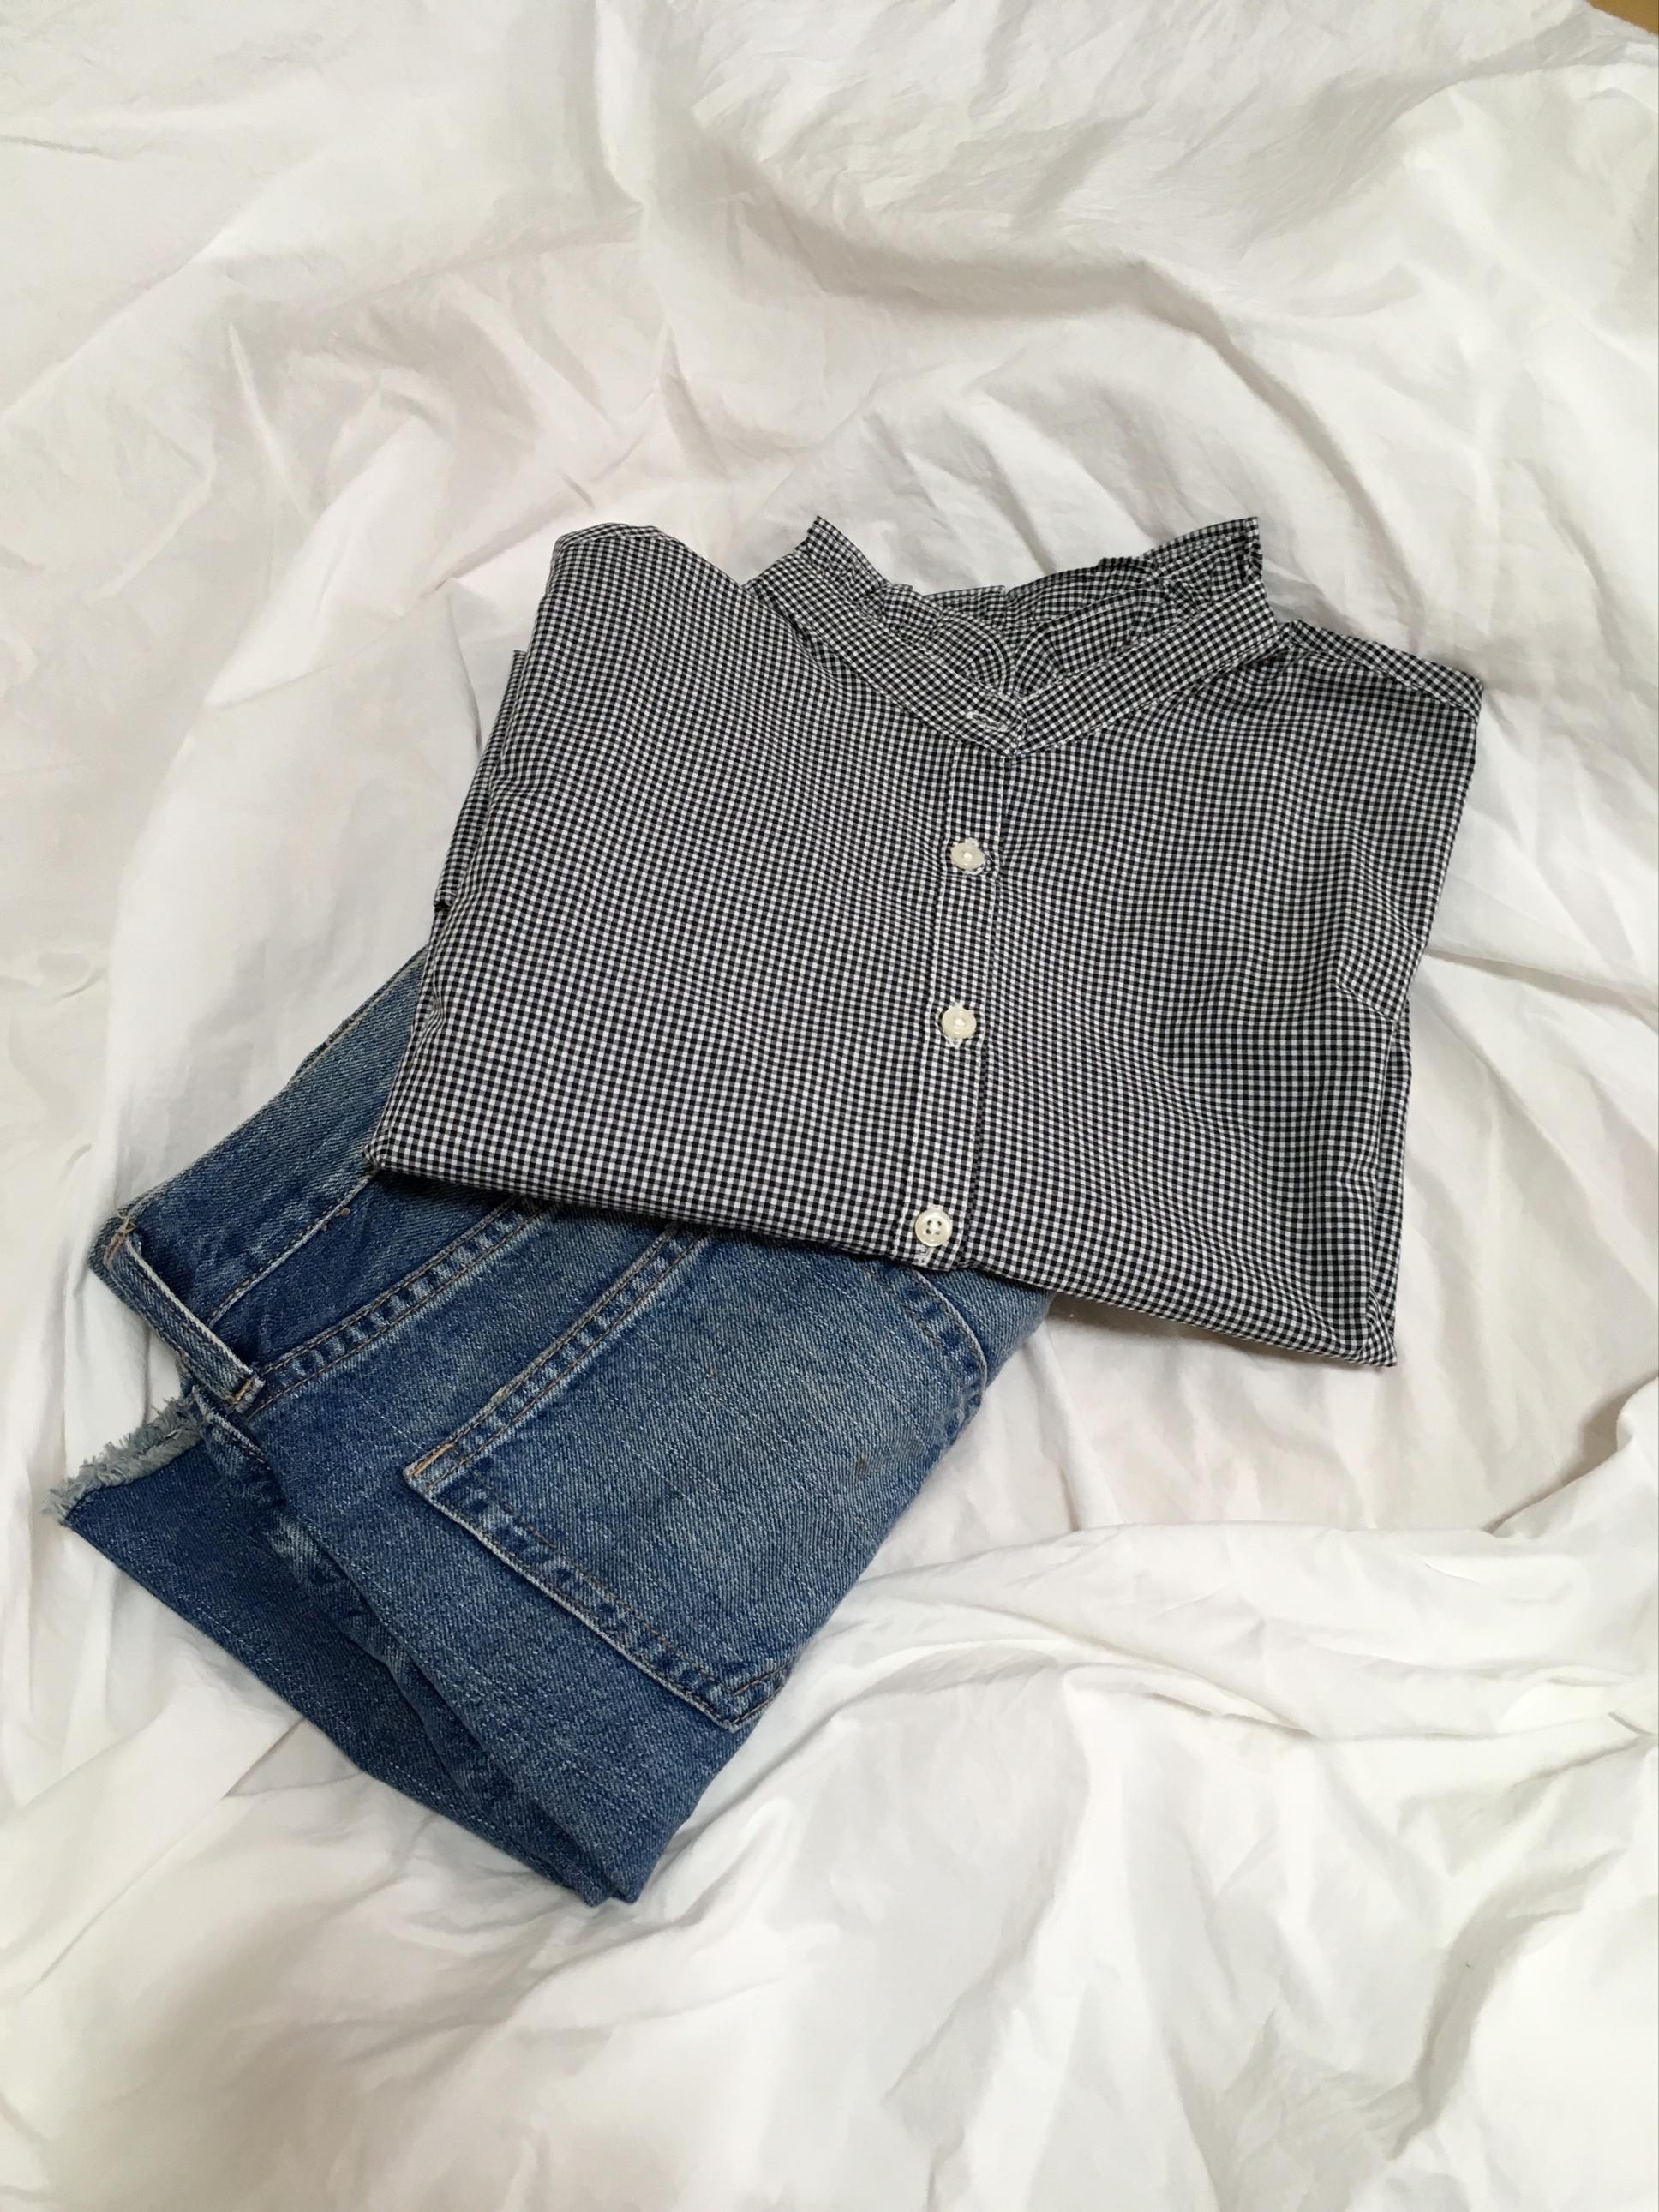 襟フリルが春らしくて可愛い♡その名もシャキシャキシャツ!_3